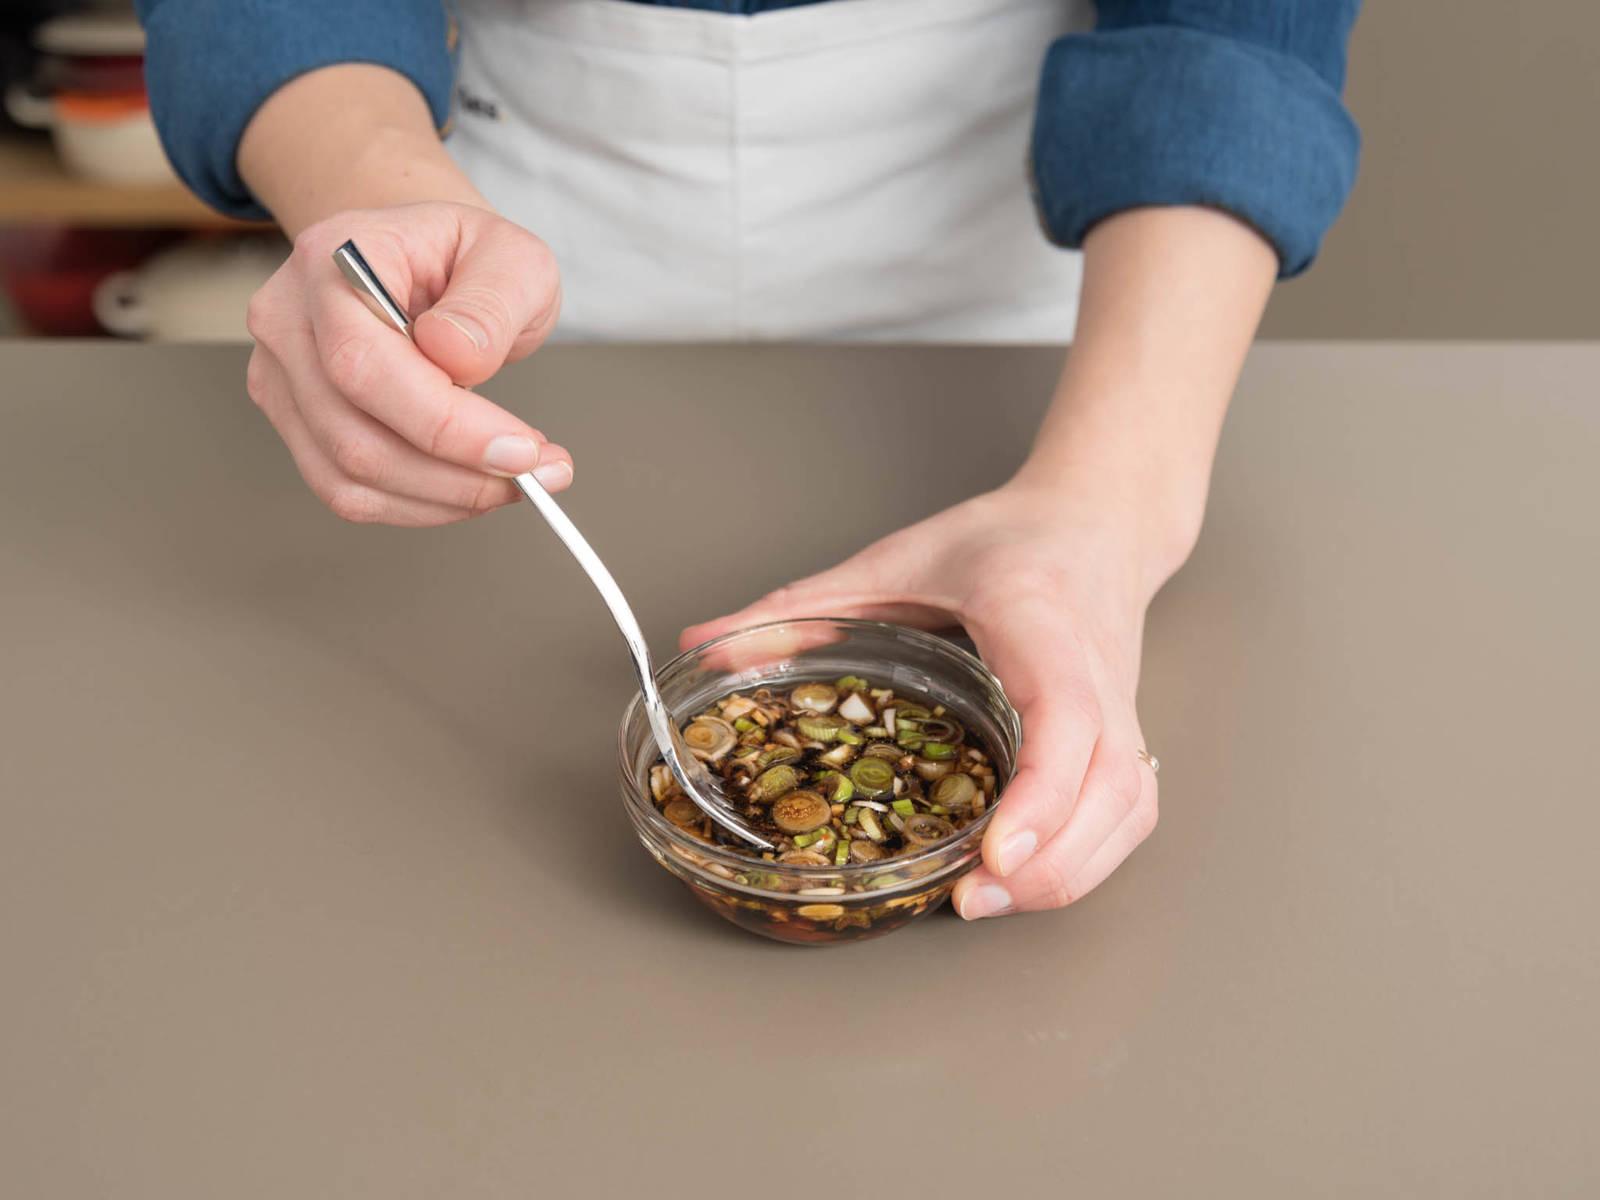 Knoblauch und Ingwer hacken. Sojasauce, Reiswein, Zucker, Sesamöl, Sriracha-Sauce, gehackten Knoblauch und Ingwer in einer kleinen Schüssel verrühren. Weißen und hellgrünen Teil der Frühlingszwiebeln in feine Ringe schneiden und zur Marinade geben. Den dunkelgrünen Teil der Frühlingszwiebel zum Servieren beiseitelegen.